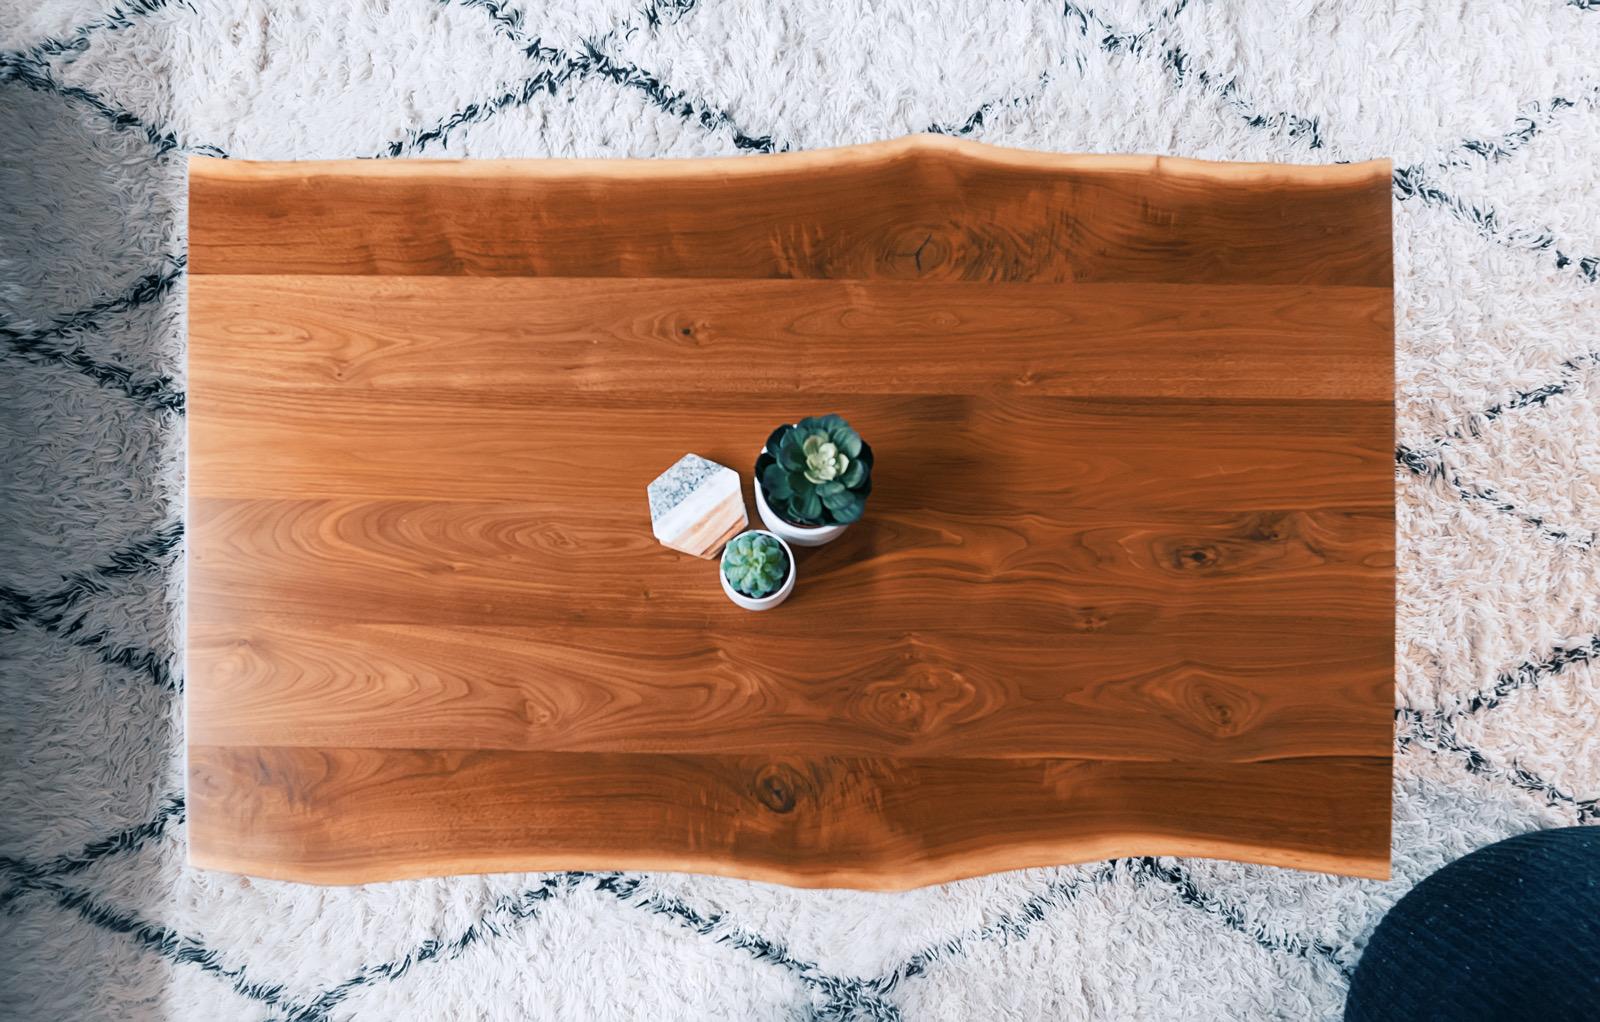 Wood furniture coffee table